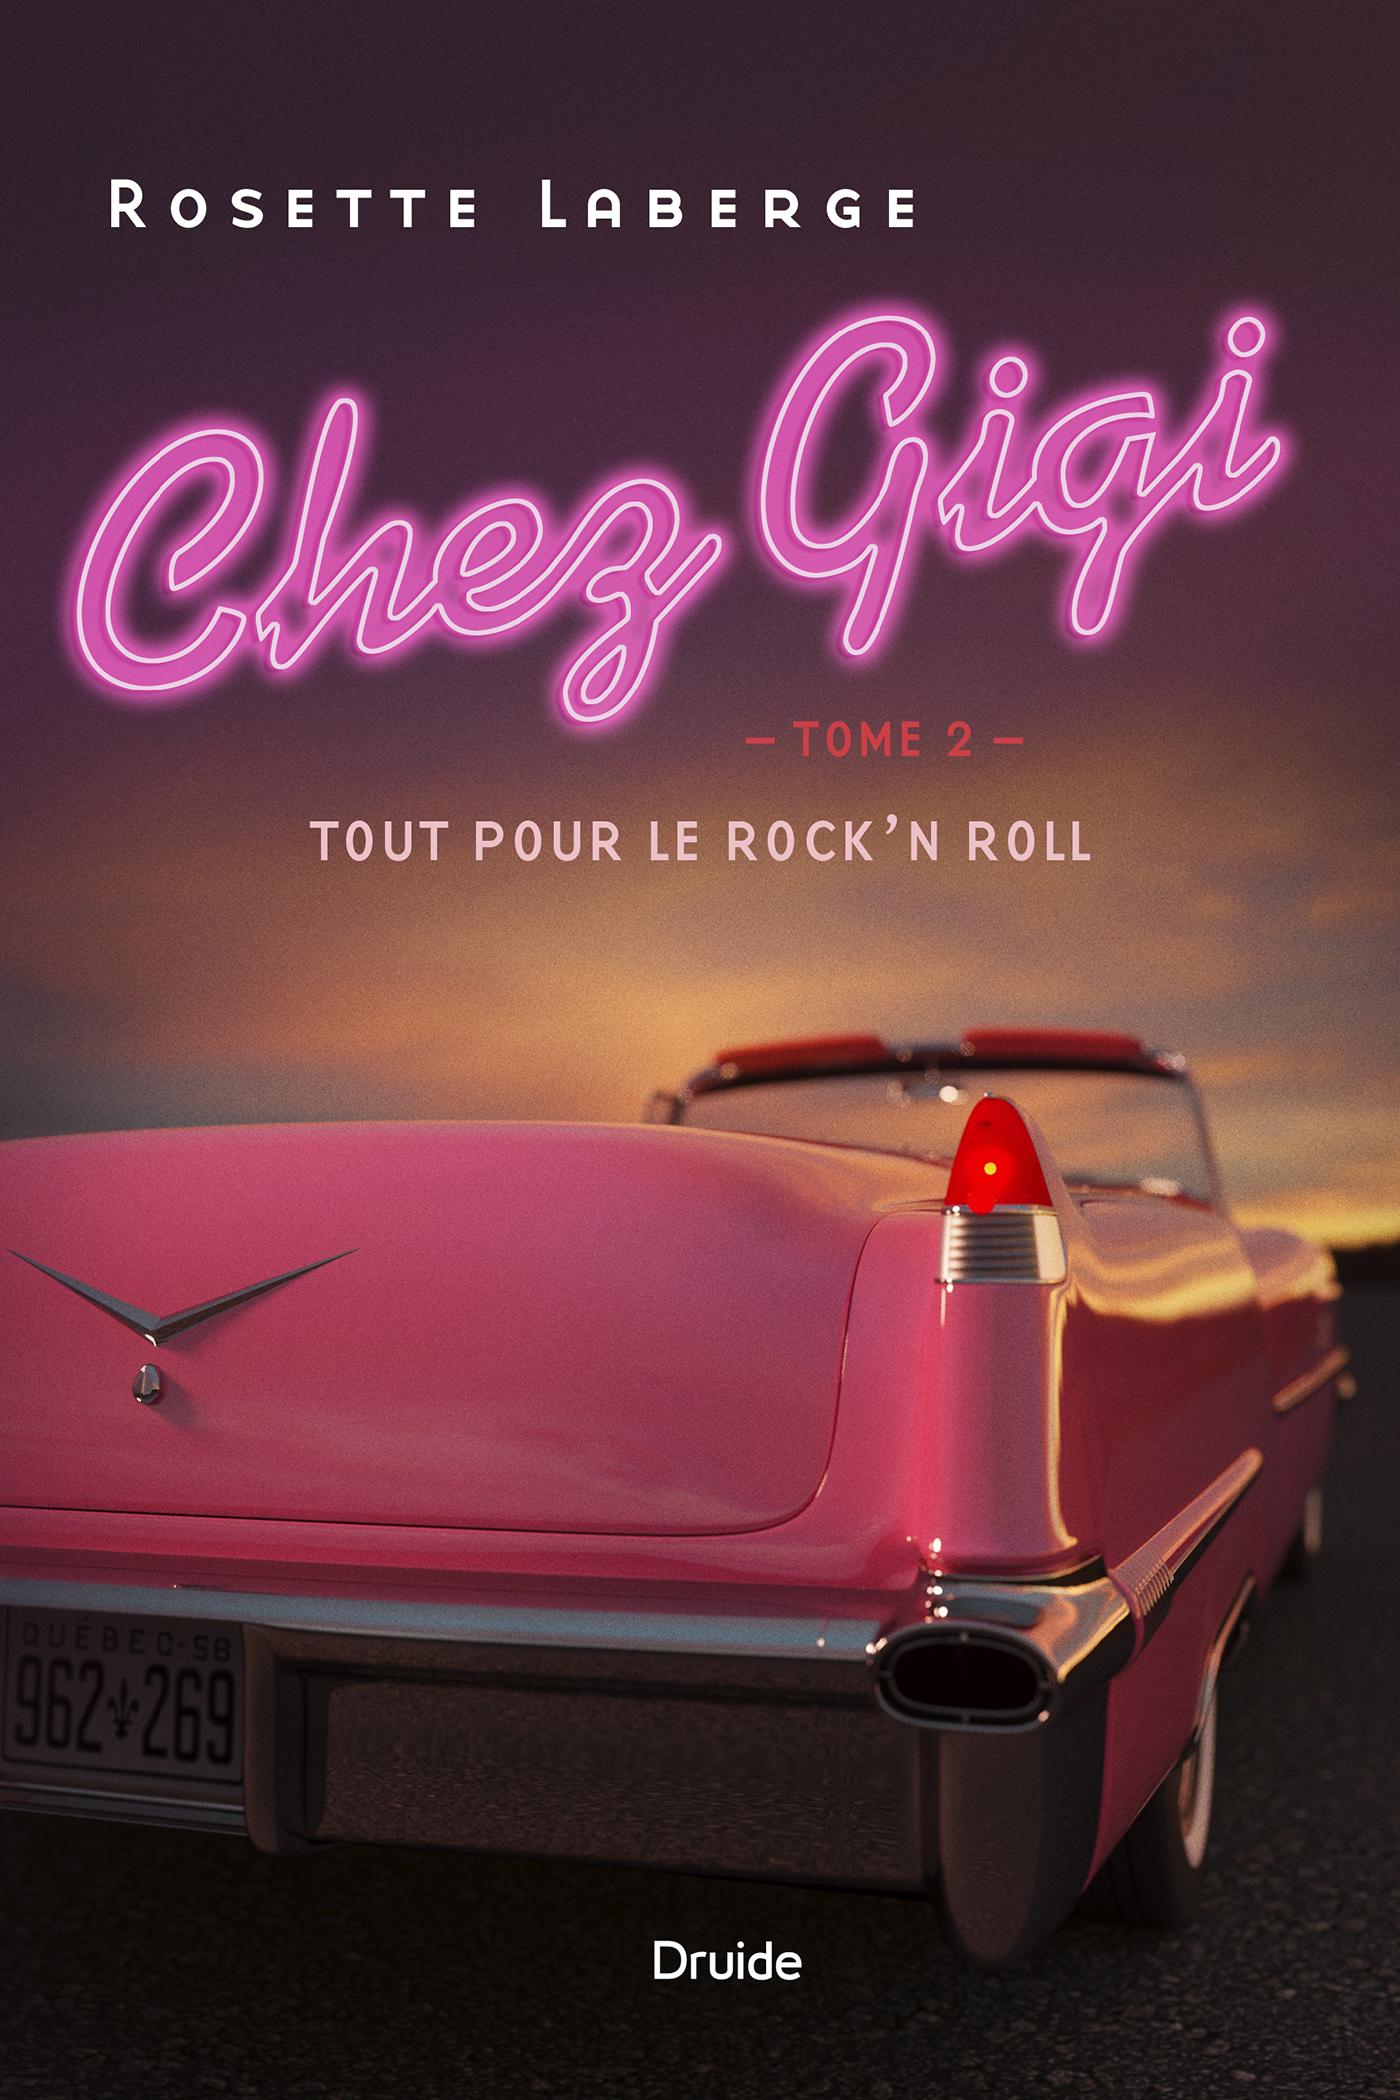 Chez Gigi - Tout pour le rock'n roll